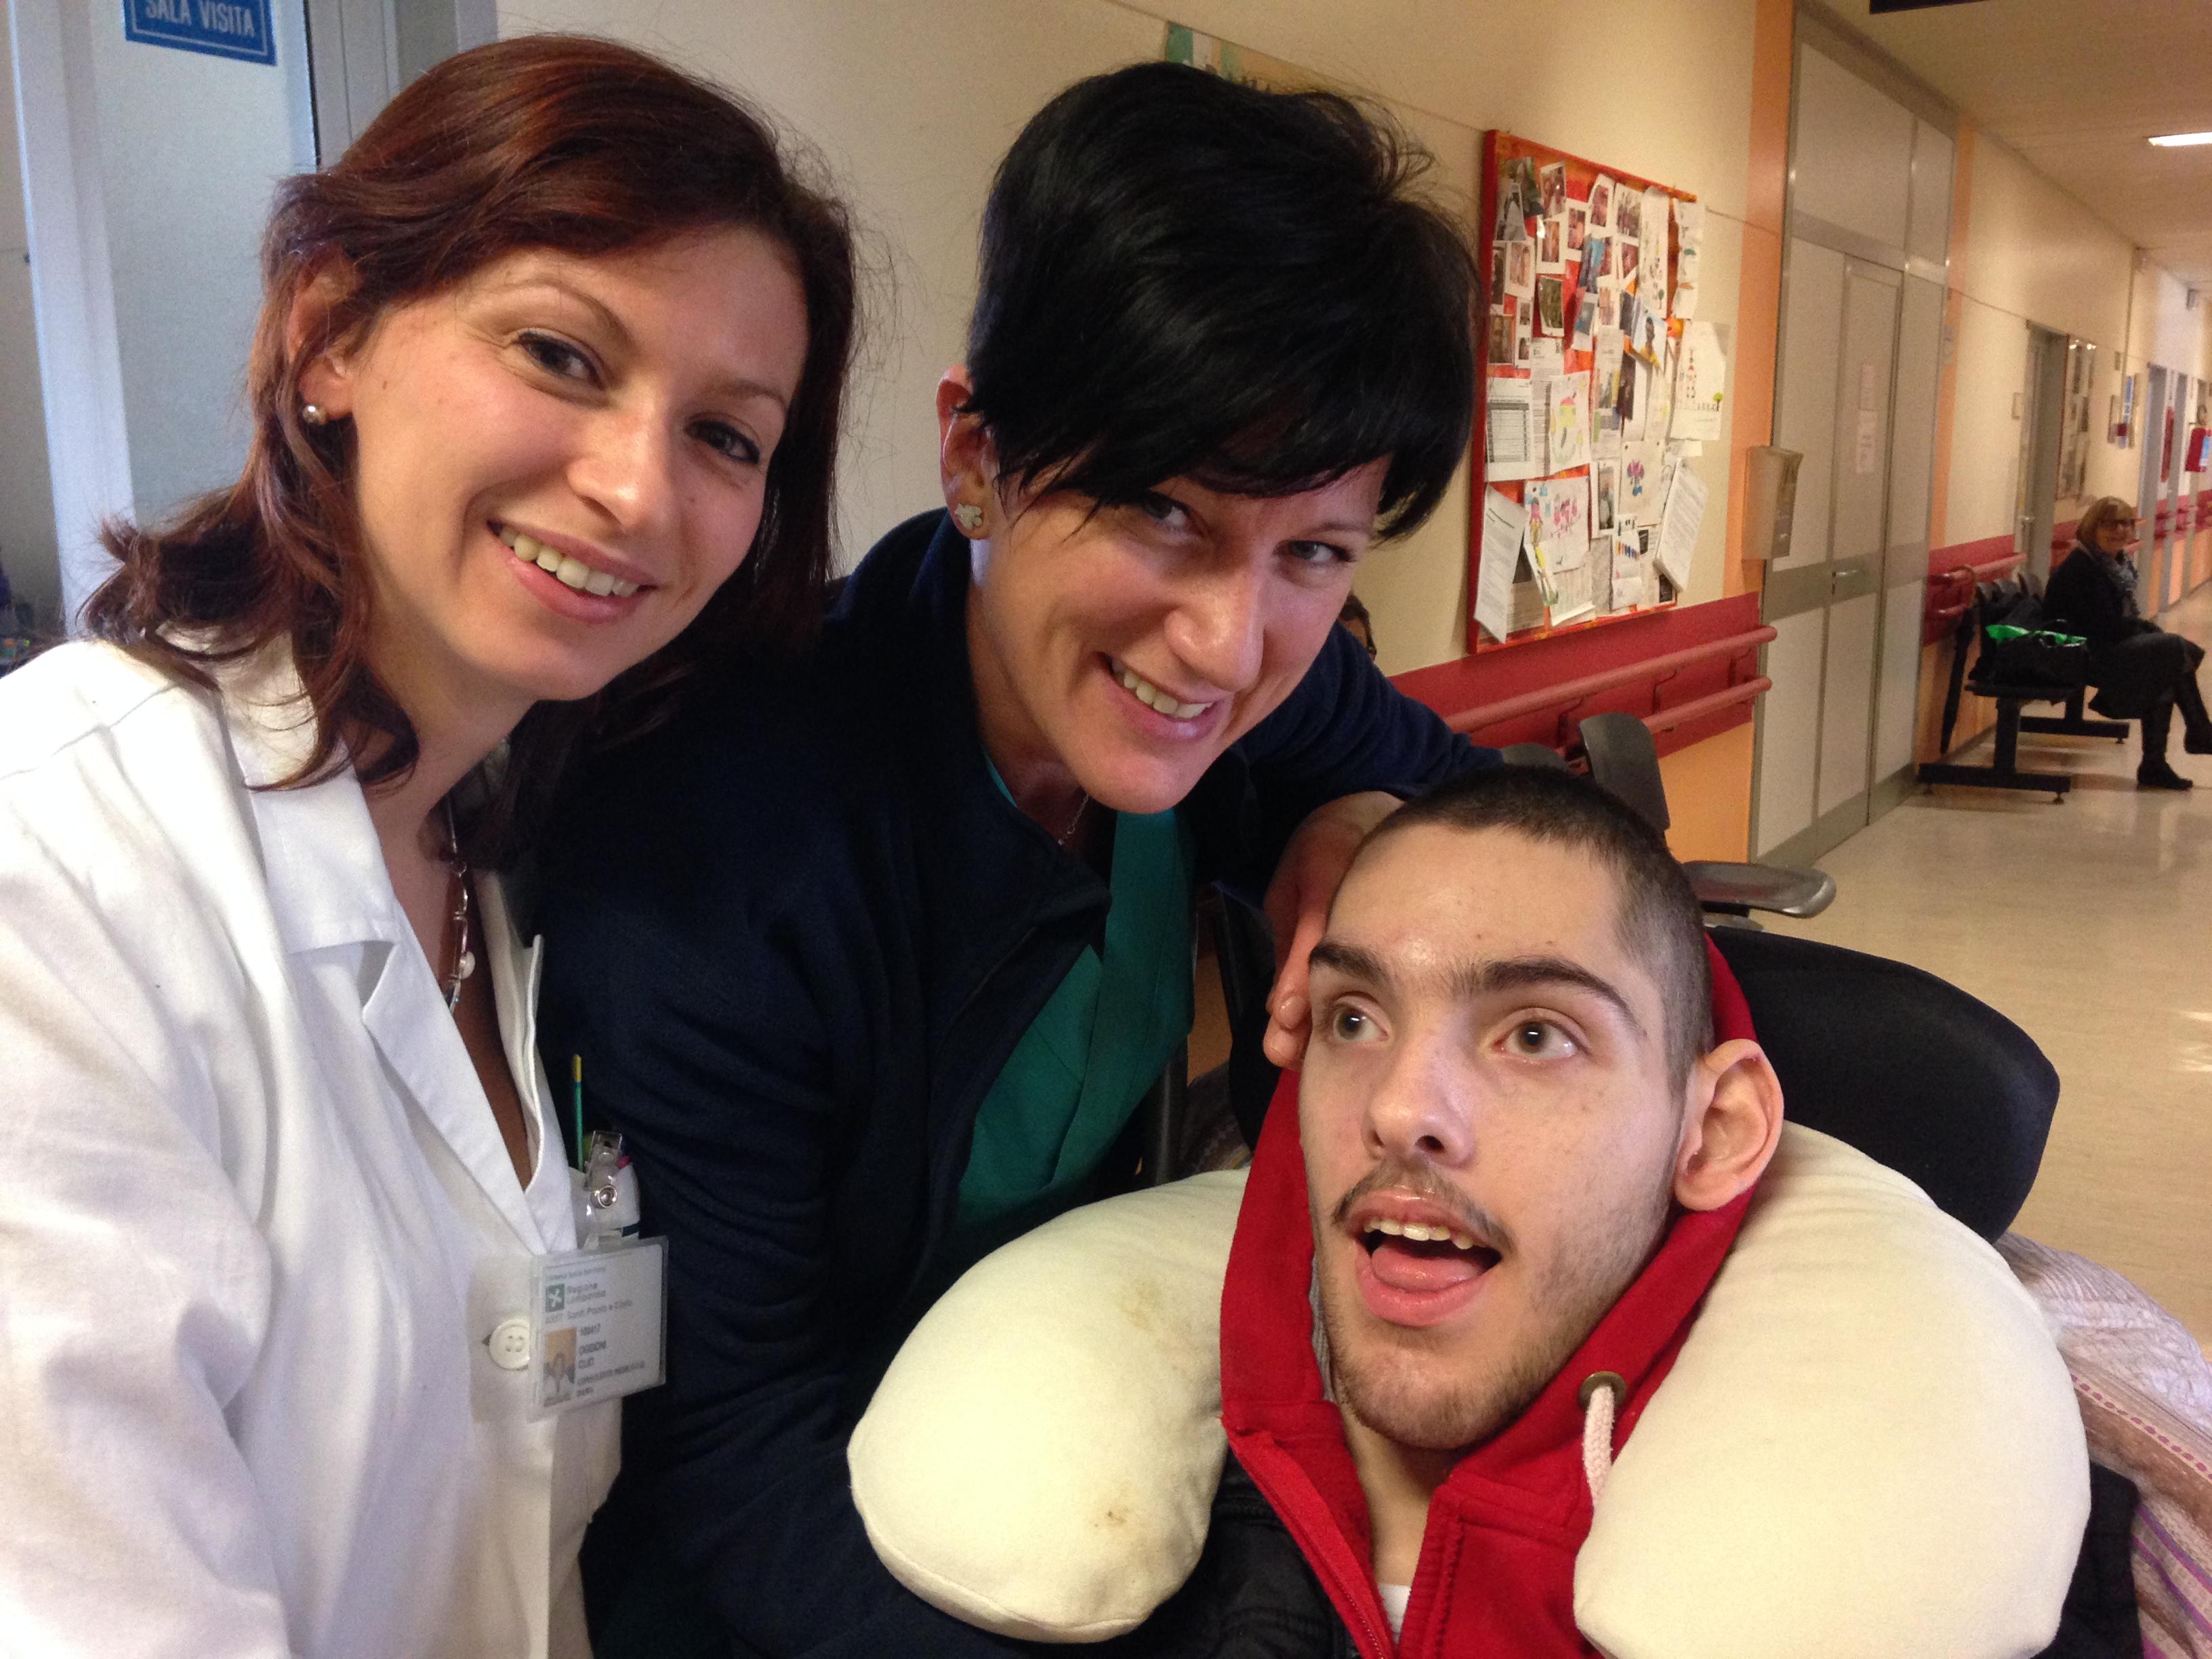 Volontariato con FMC in ospedale insieme a persone con disabilità